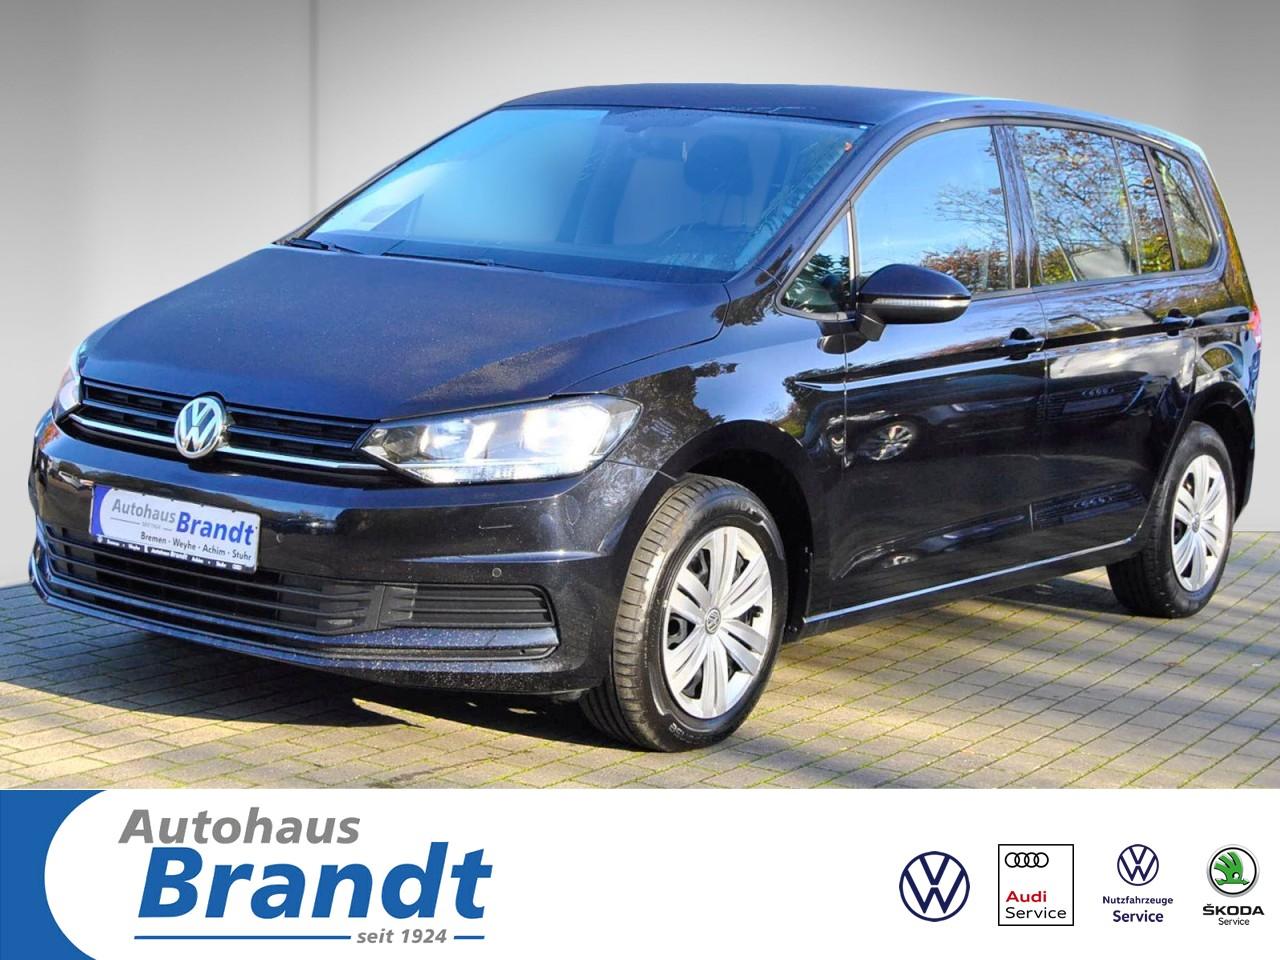 Volkswagen Touran 1.6 TDI NAVI*PDC*SHZ*GRA Navi, Jahr 2016, Diesel